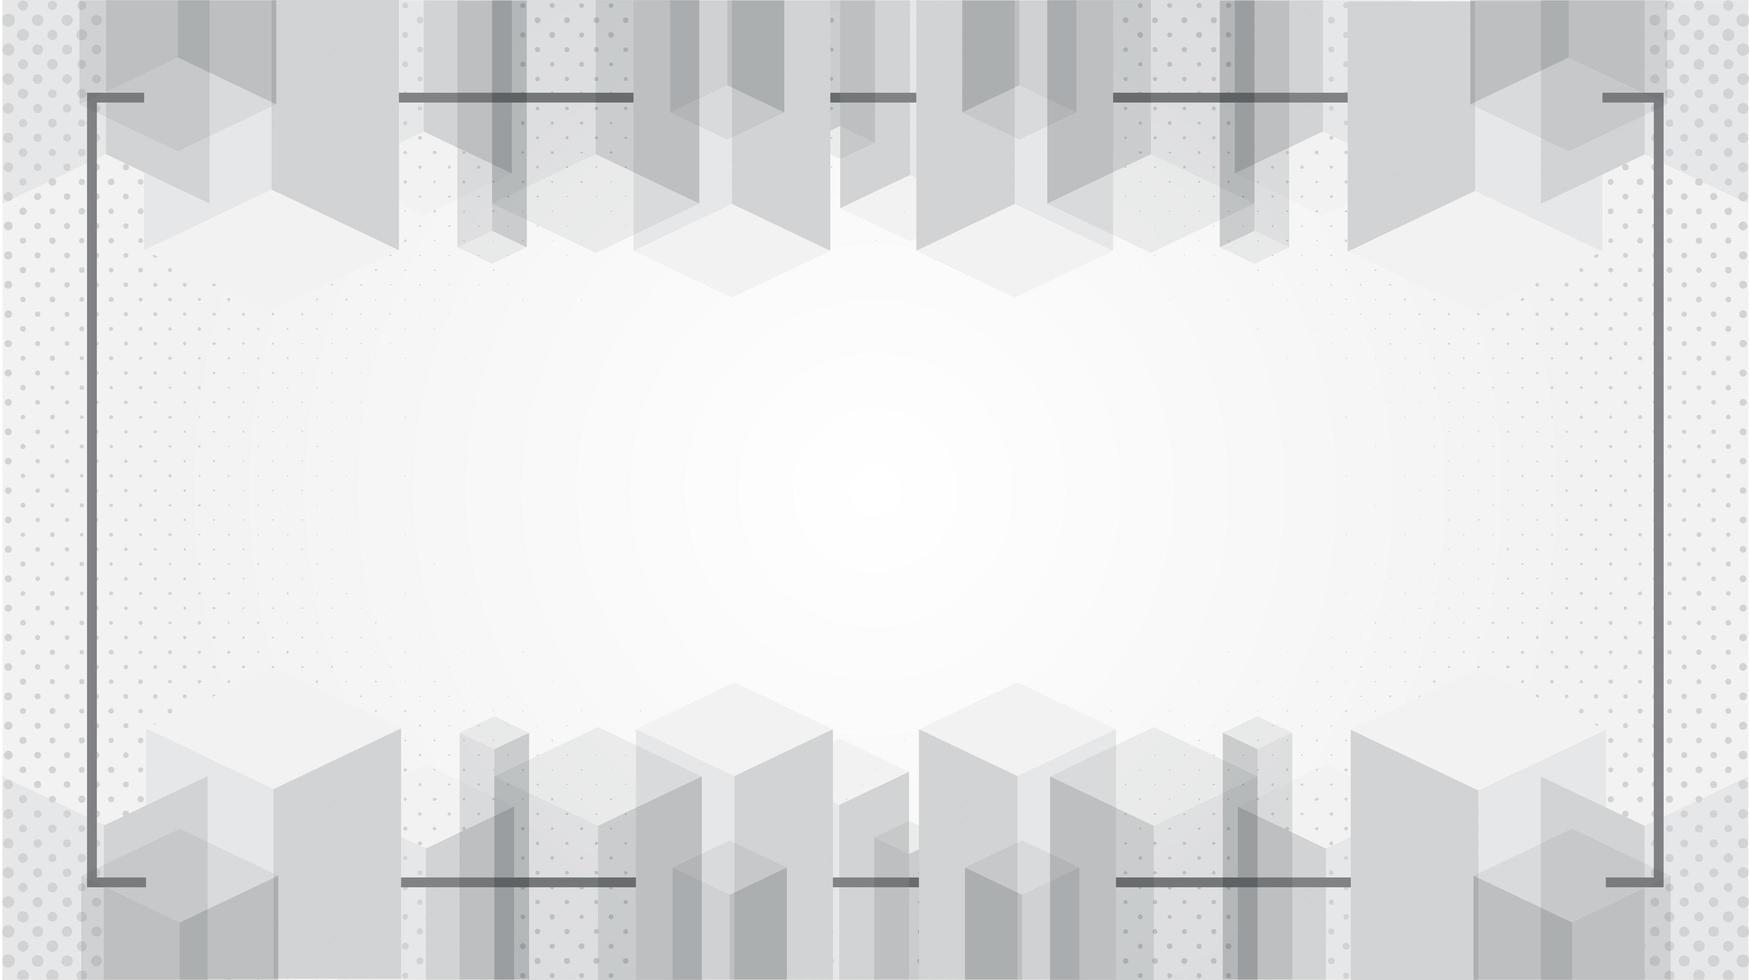 fond d'écran abstrait texture moderne blanc avec cadre vecteur